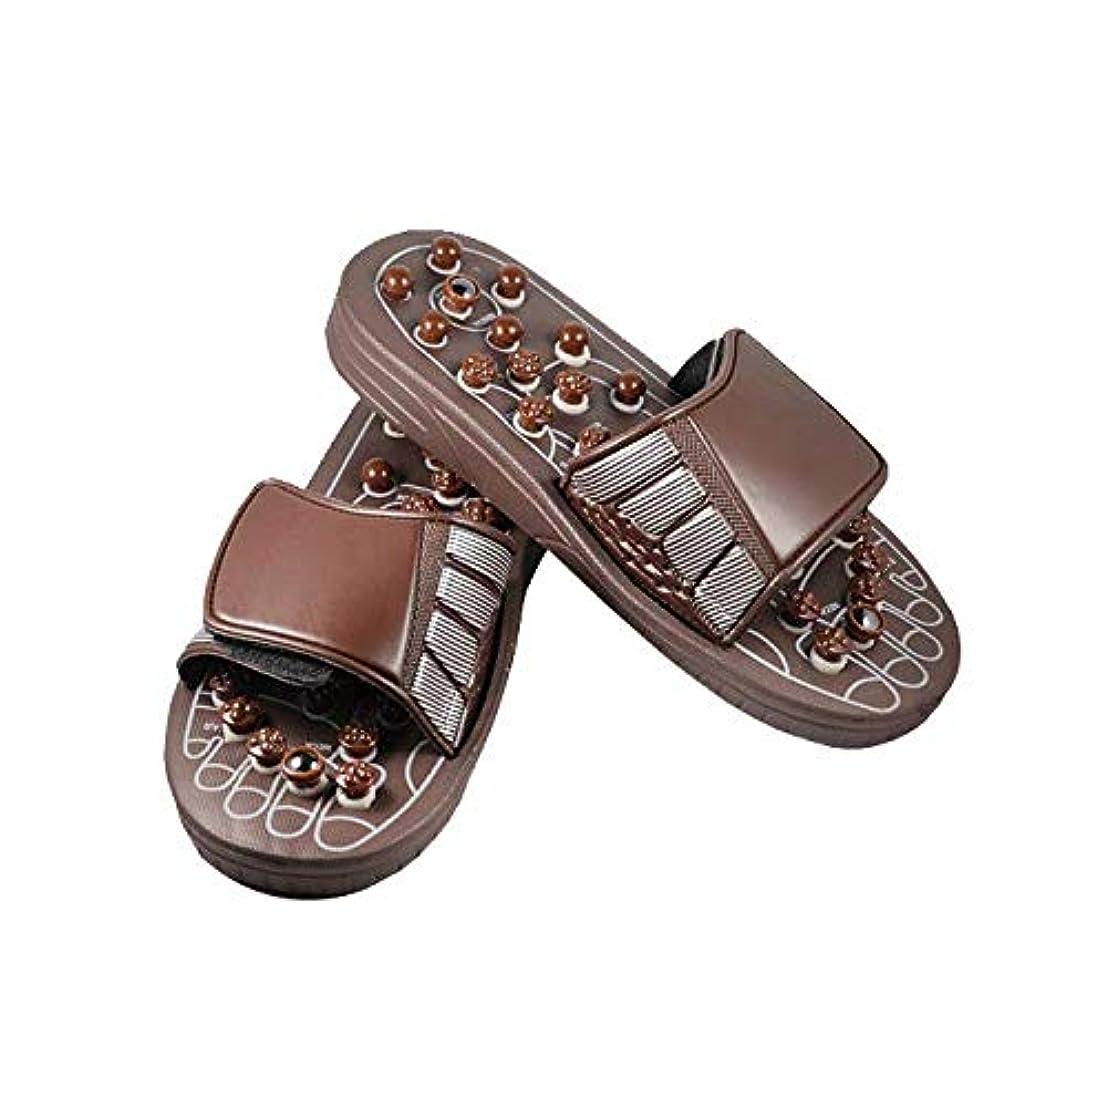 不当ニックネームジュースEuphoric Feet 男性と女性のためのマッサージスリッパ足リフレクソロジー指圧サンダルの靴の救済痛み (M)